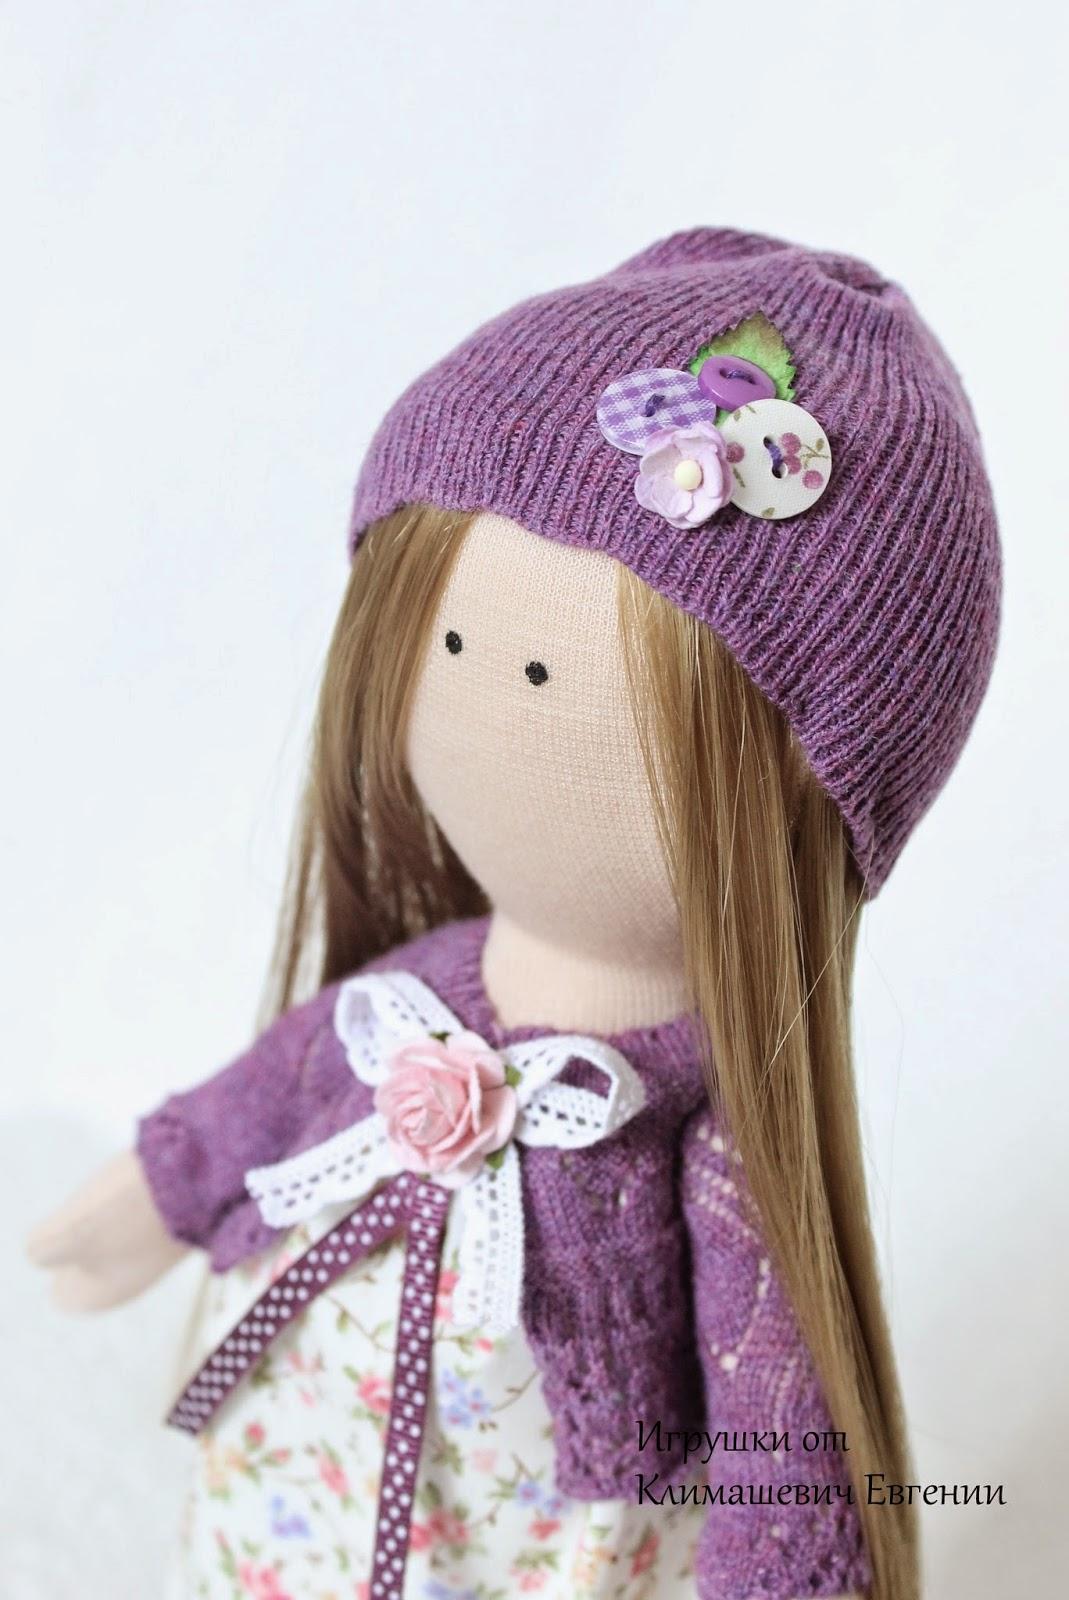 кукла, текстильная кукла, тильда, тильда кукла, куклы, купить куклу, куклы своими руками, кукла ручной работы, игрушки, игрушка, игрушка своими руками,купить игрушку, подарок девушке, рукоделие,